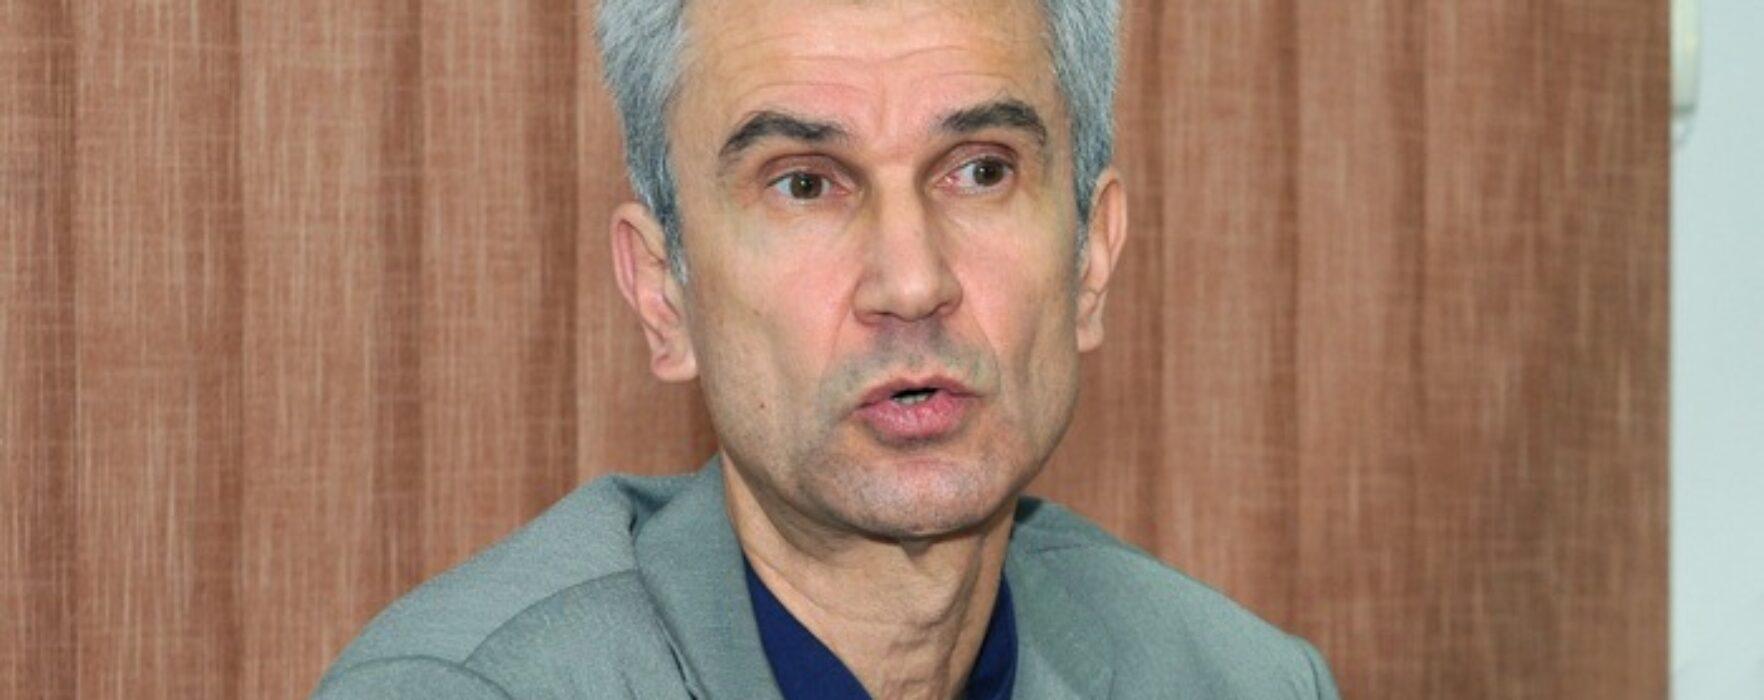 Membru CSM, judecător târgoviştean  – jefuit de o sumă importantă de bani